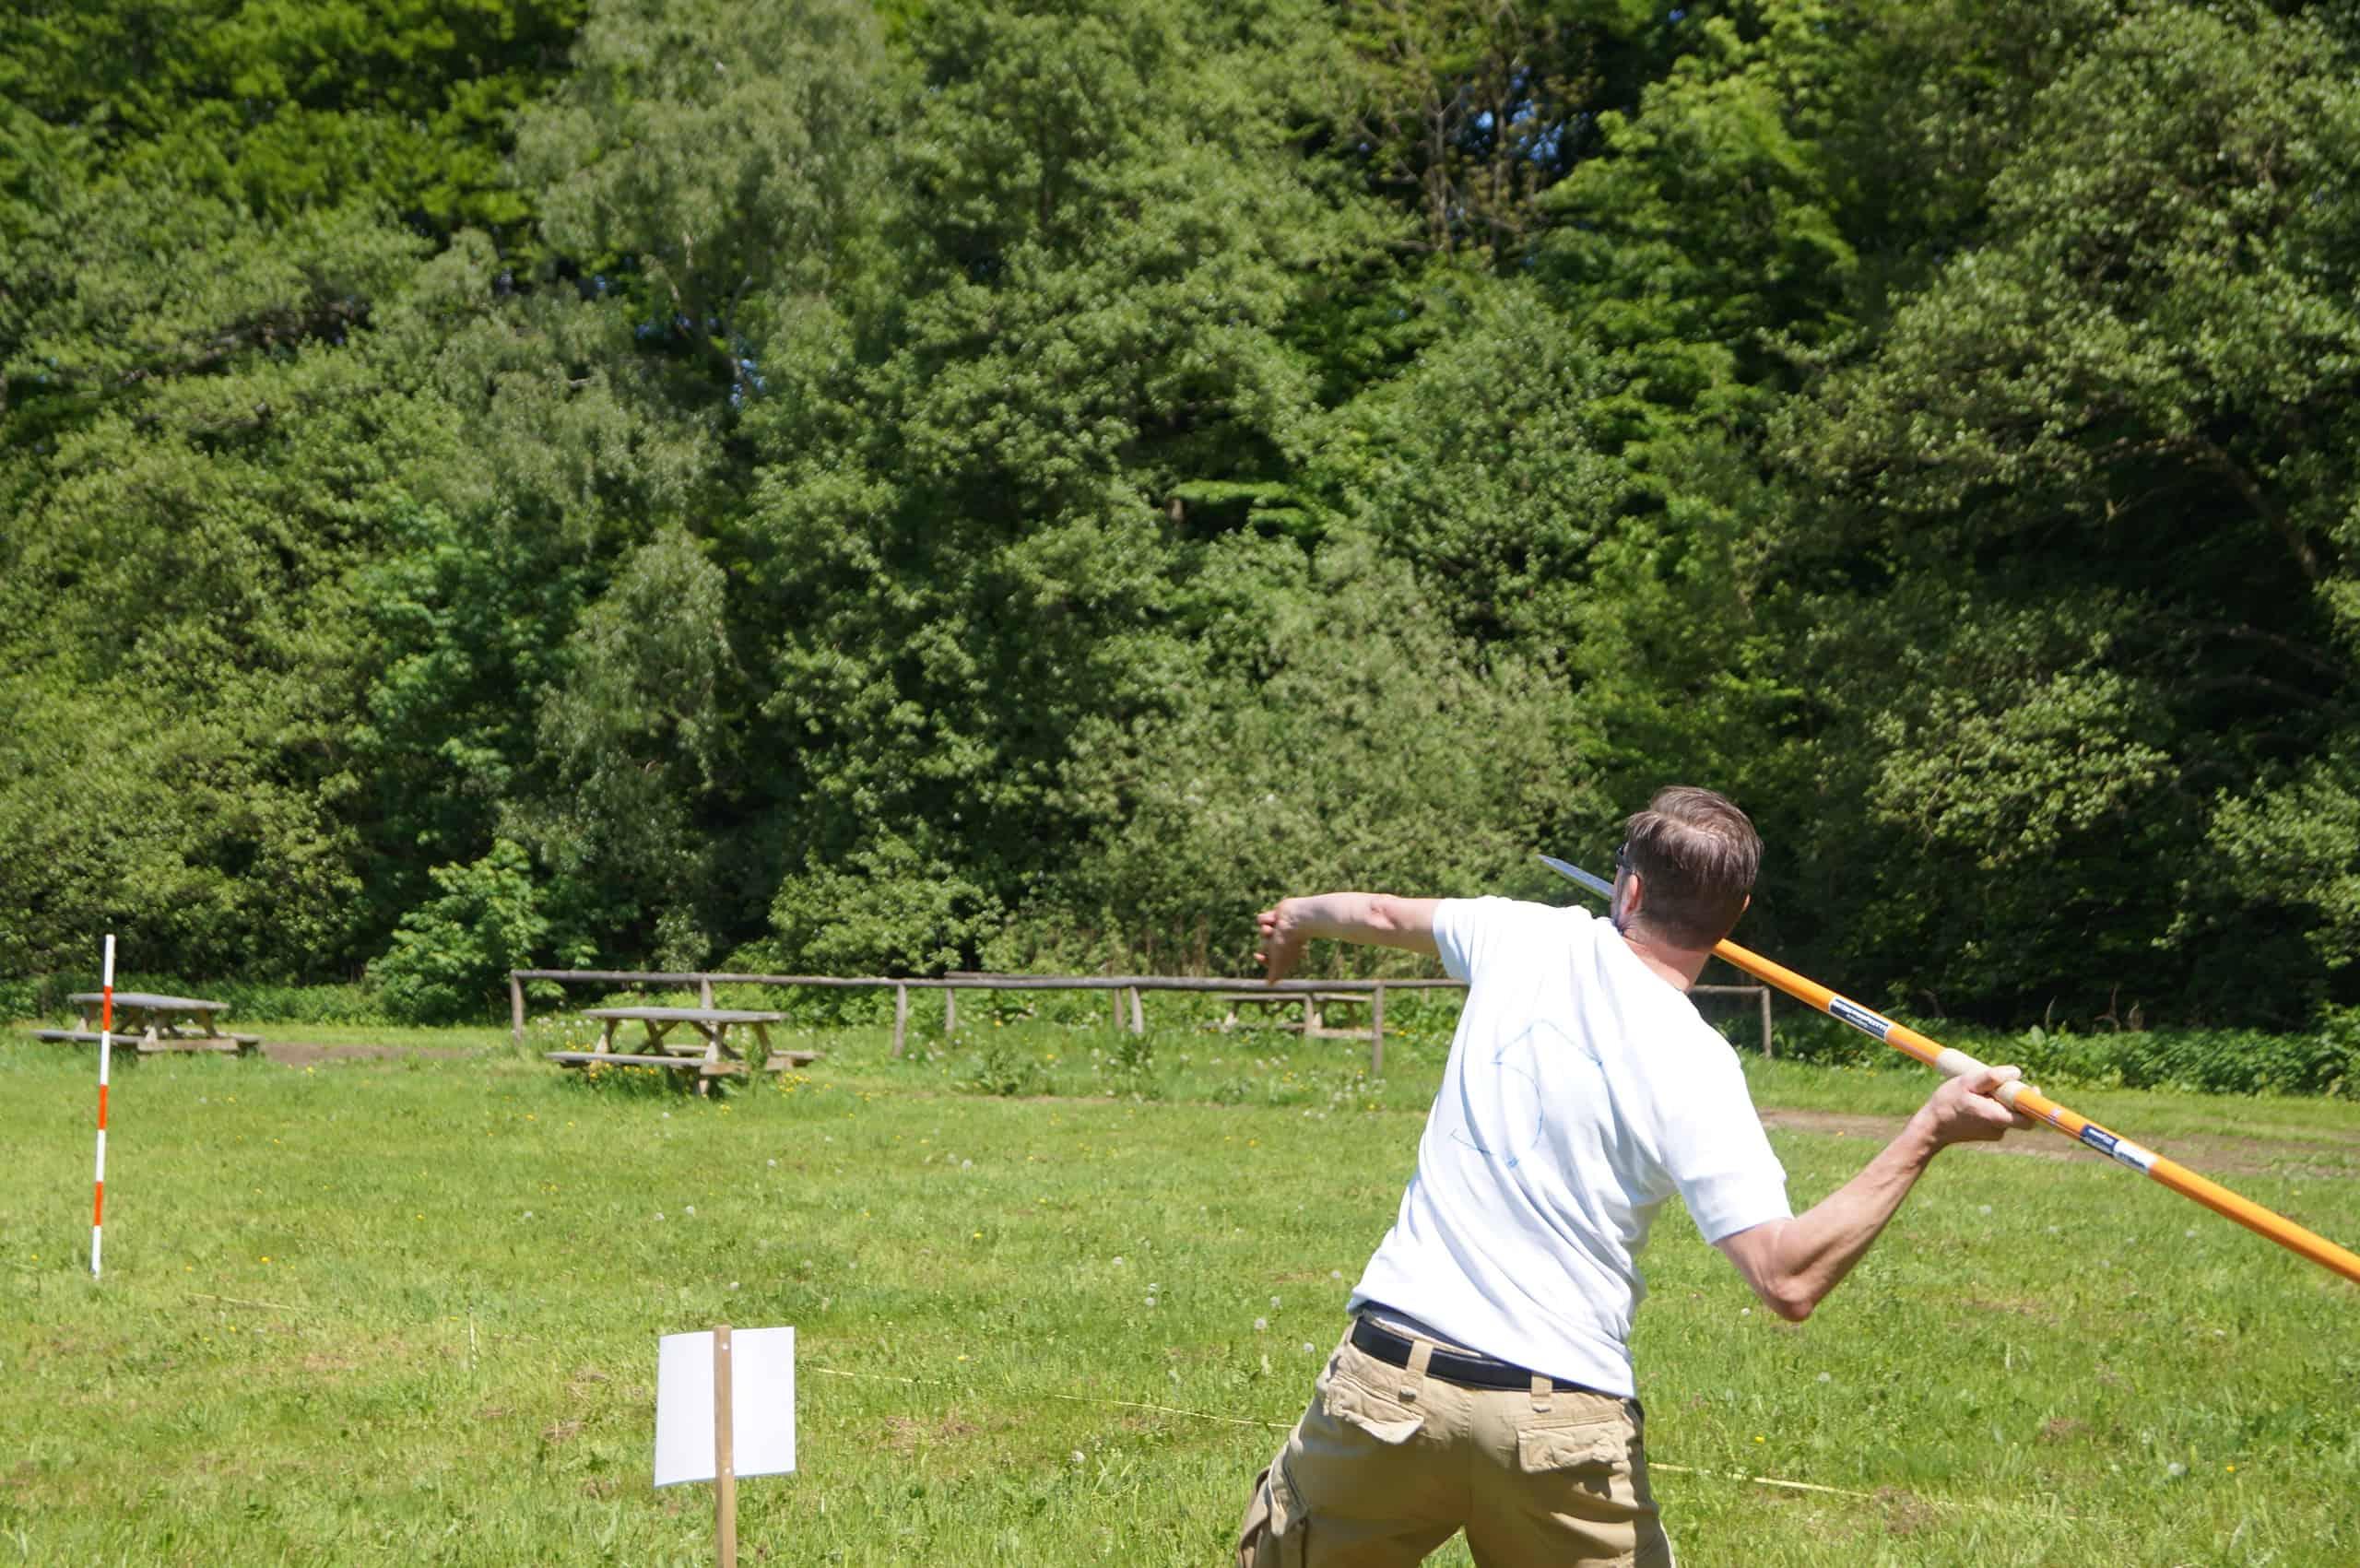 På billedet ses en anden deltager prøve længder i spydkast